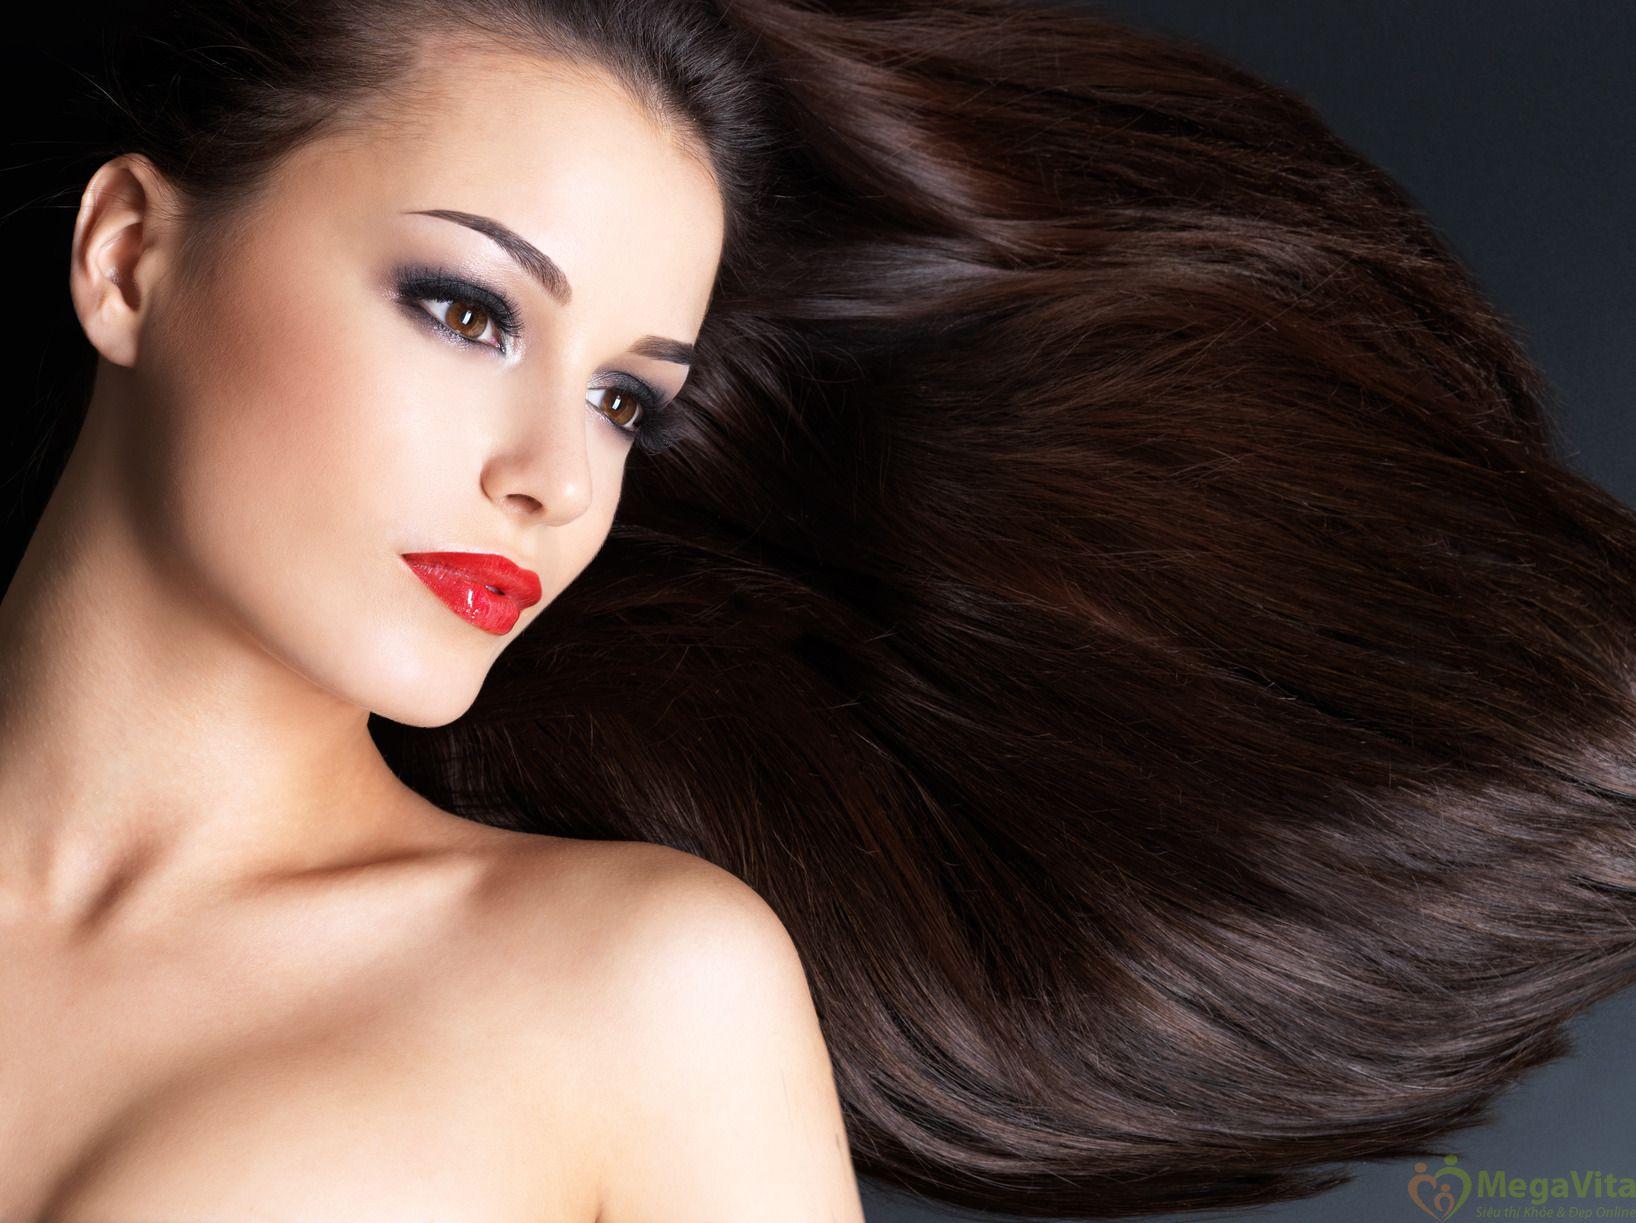 Thuốc nhuộm tóc thảo dược bền màu, ngăn rụng tóc hair dye henna glory of new york màu nâu của mỹ hộp 6 gói